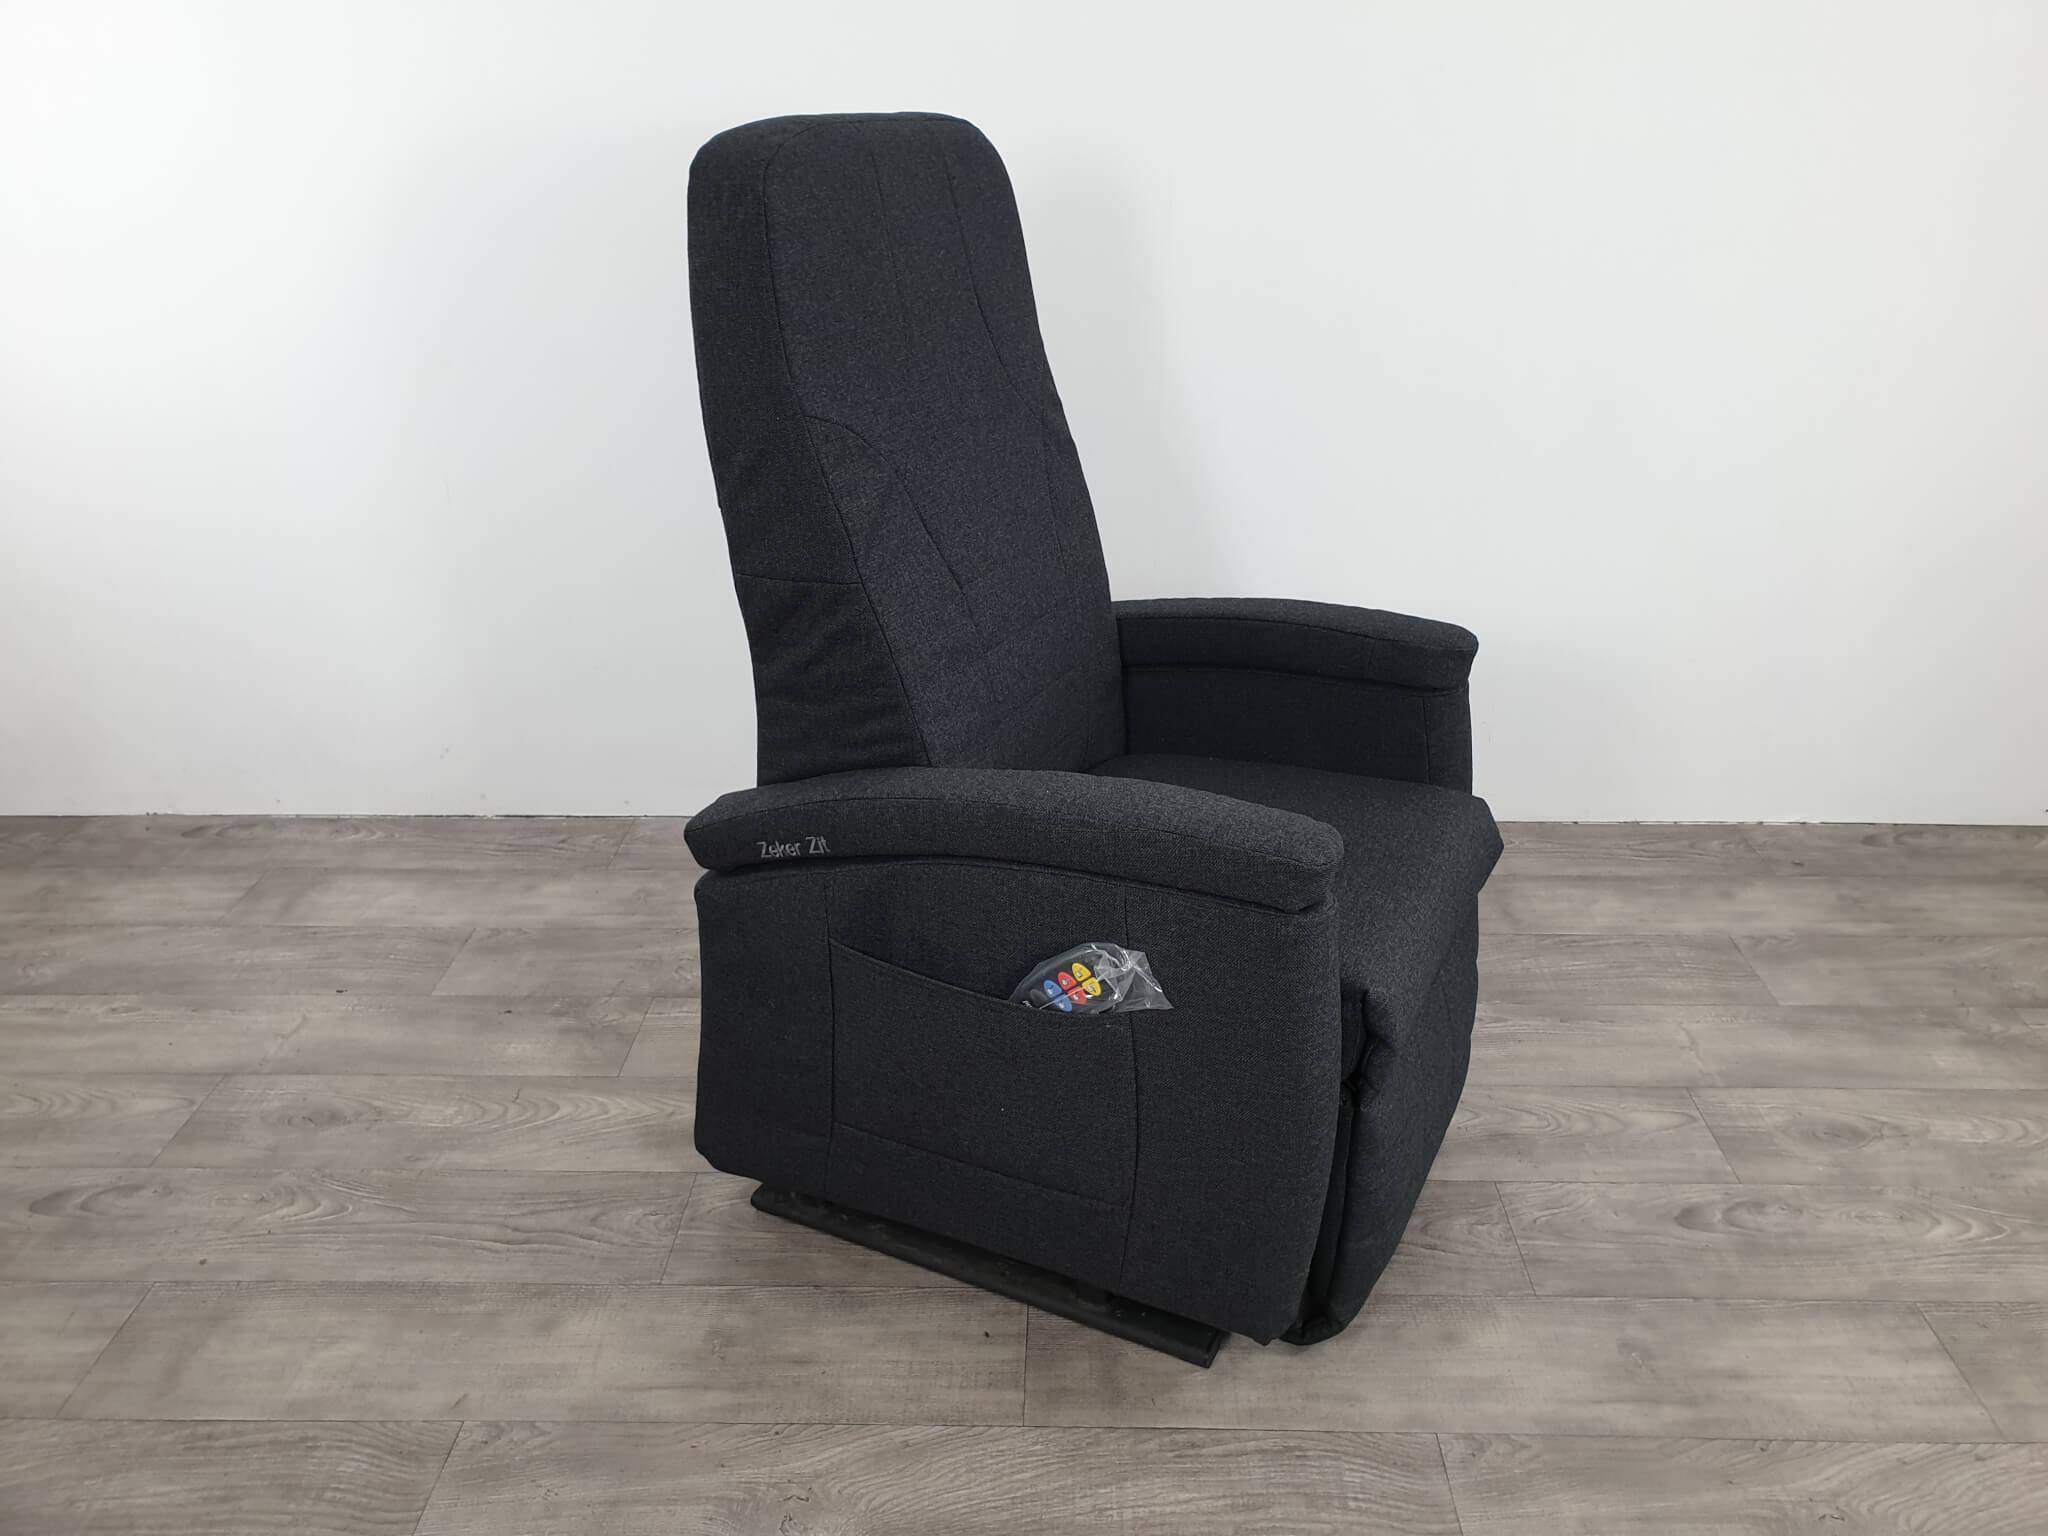 moderne sta-op stoel